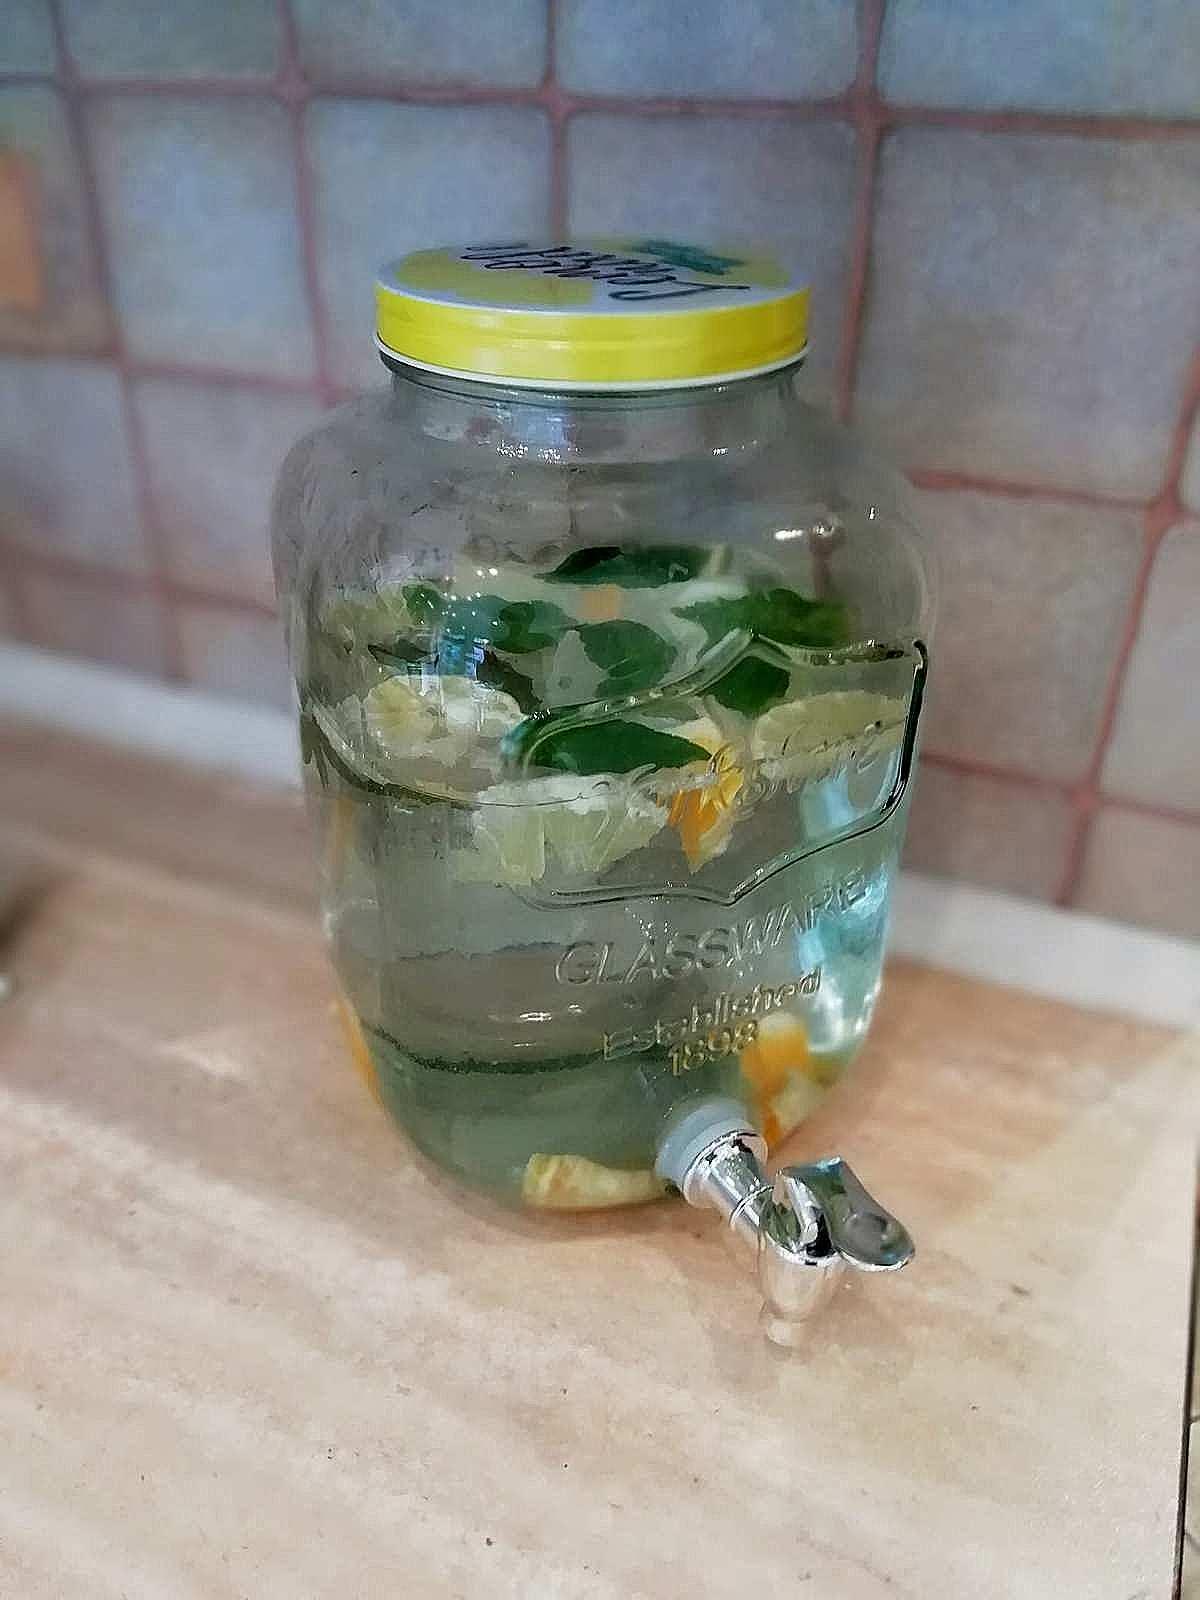 pyszny napój apartamentu fabryka endorfin w kłodzku/water in apartment Fabryka Endorfin Klodzko